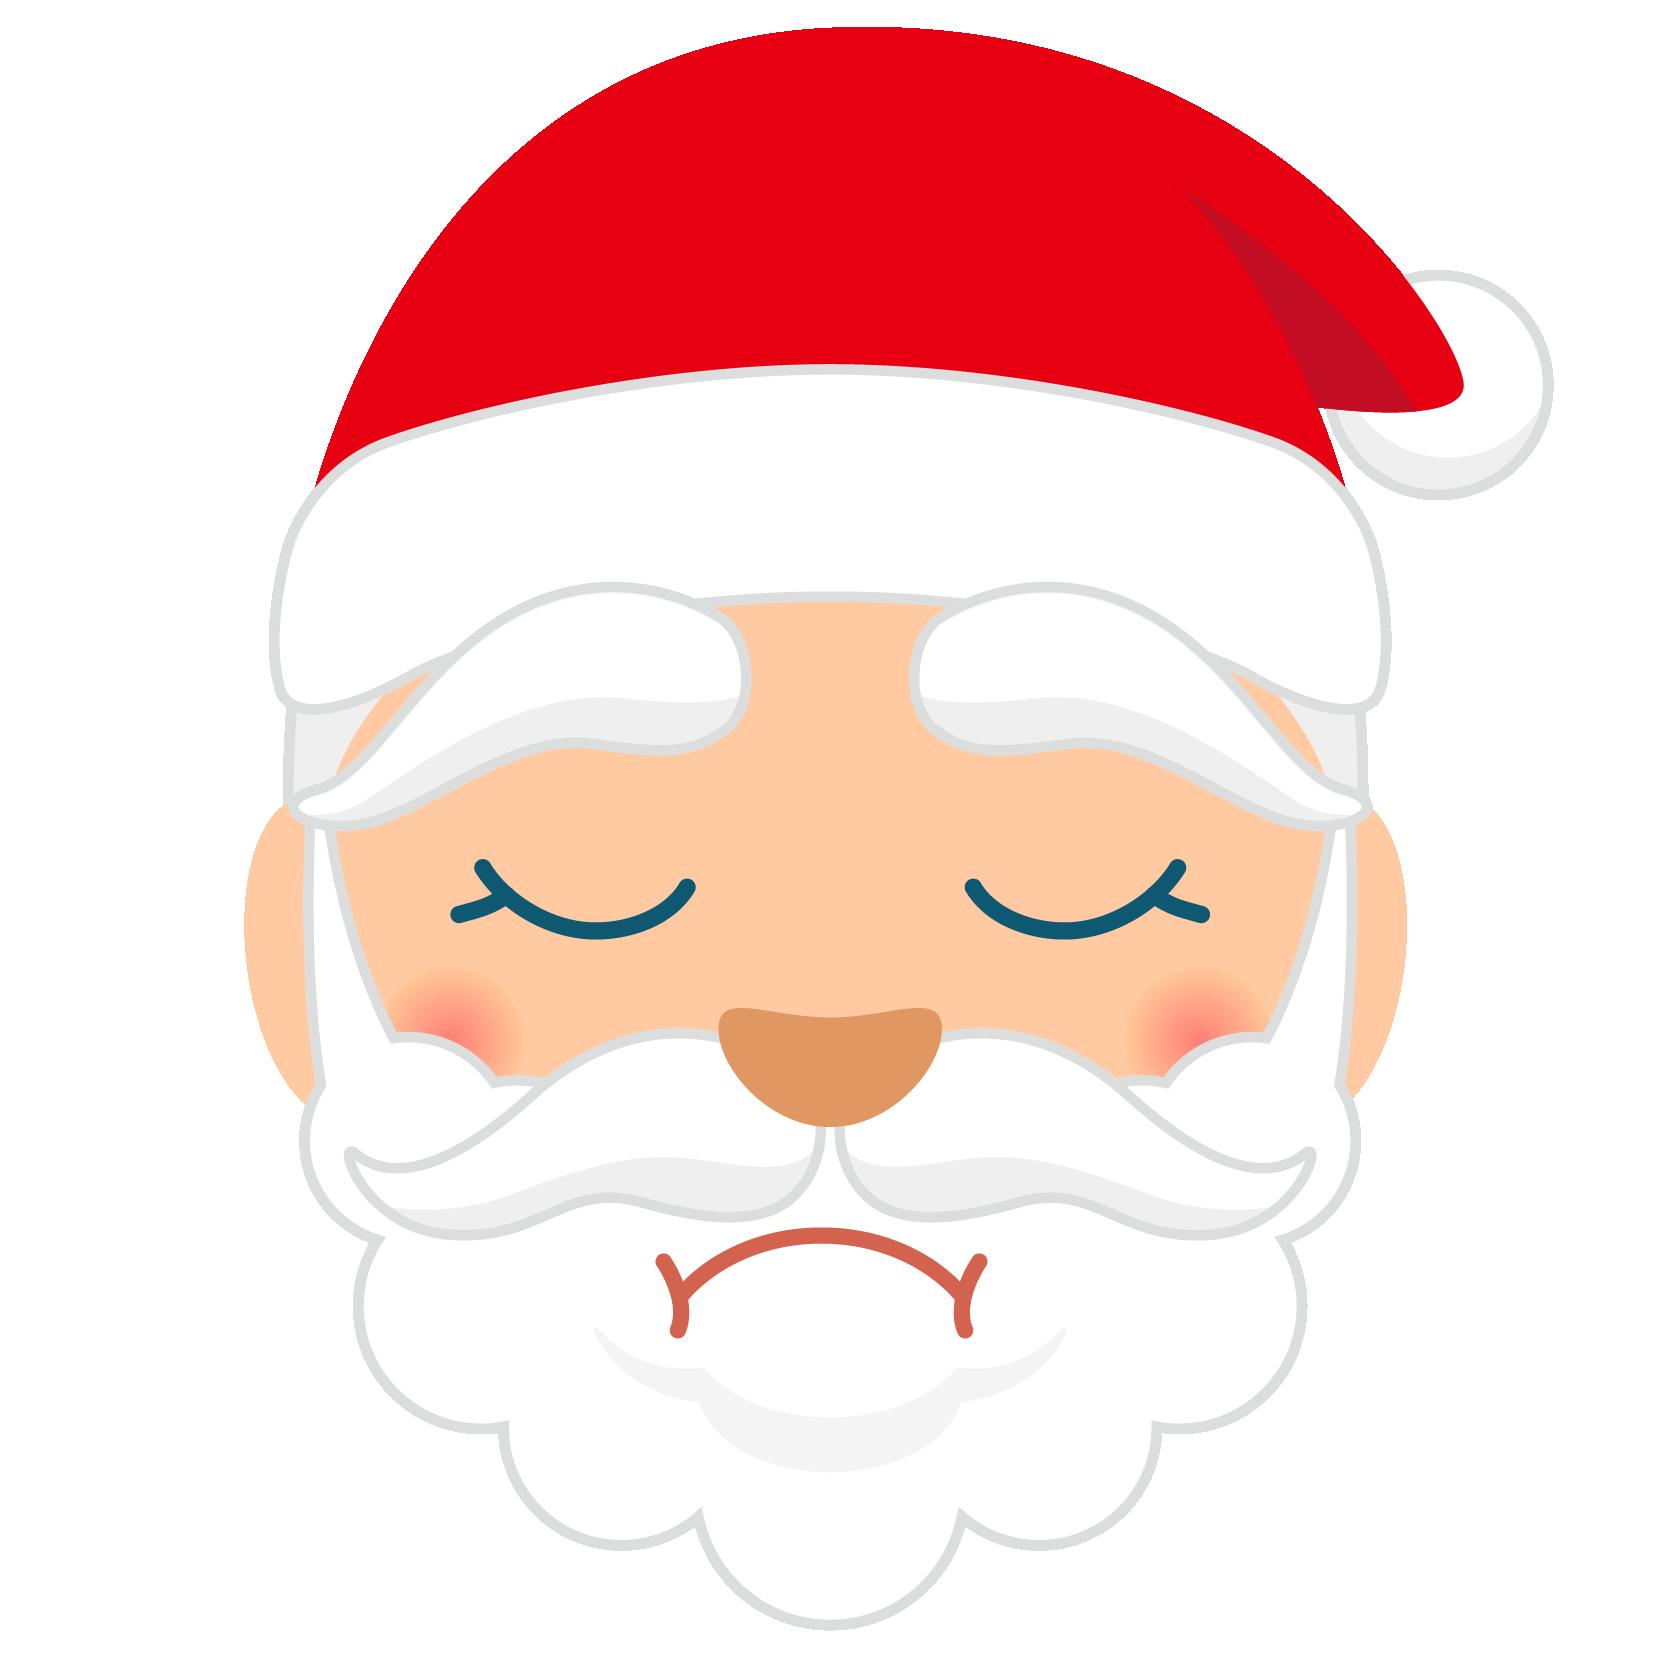 商用フリー・無料イラスト_クリスマス_サンタクロース_顔_プンプン